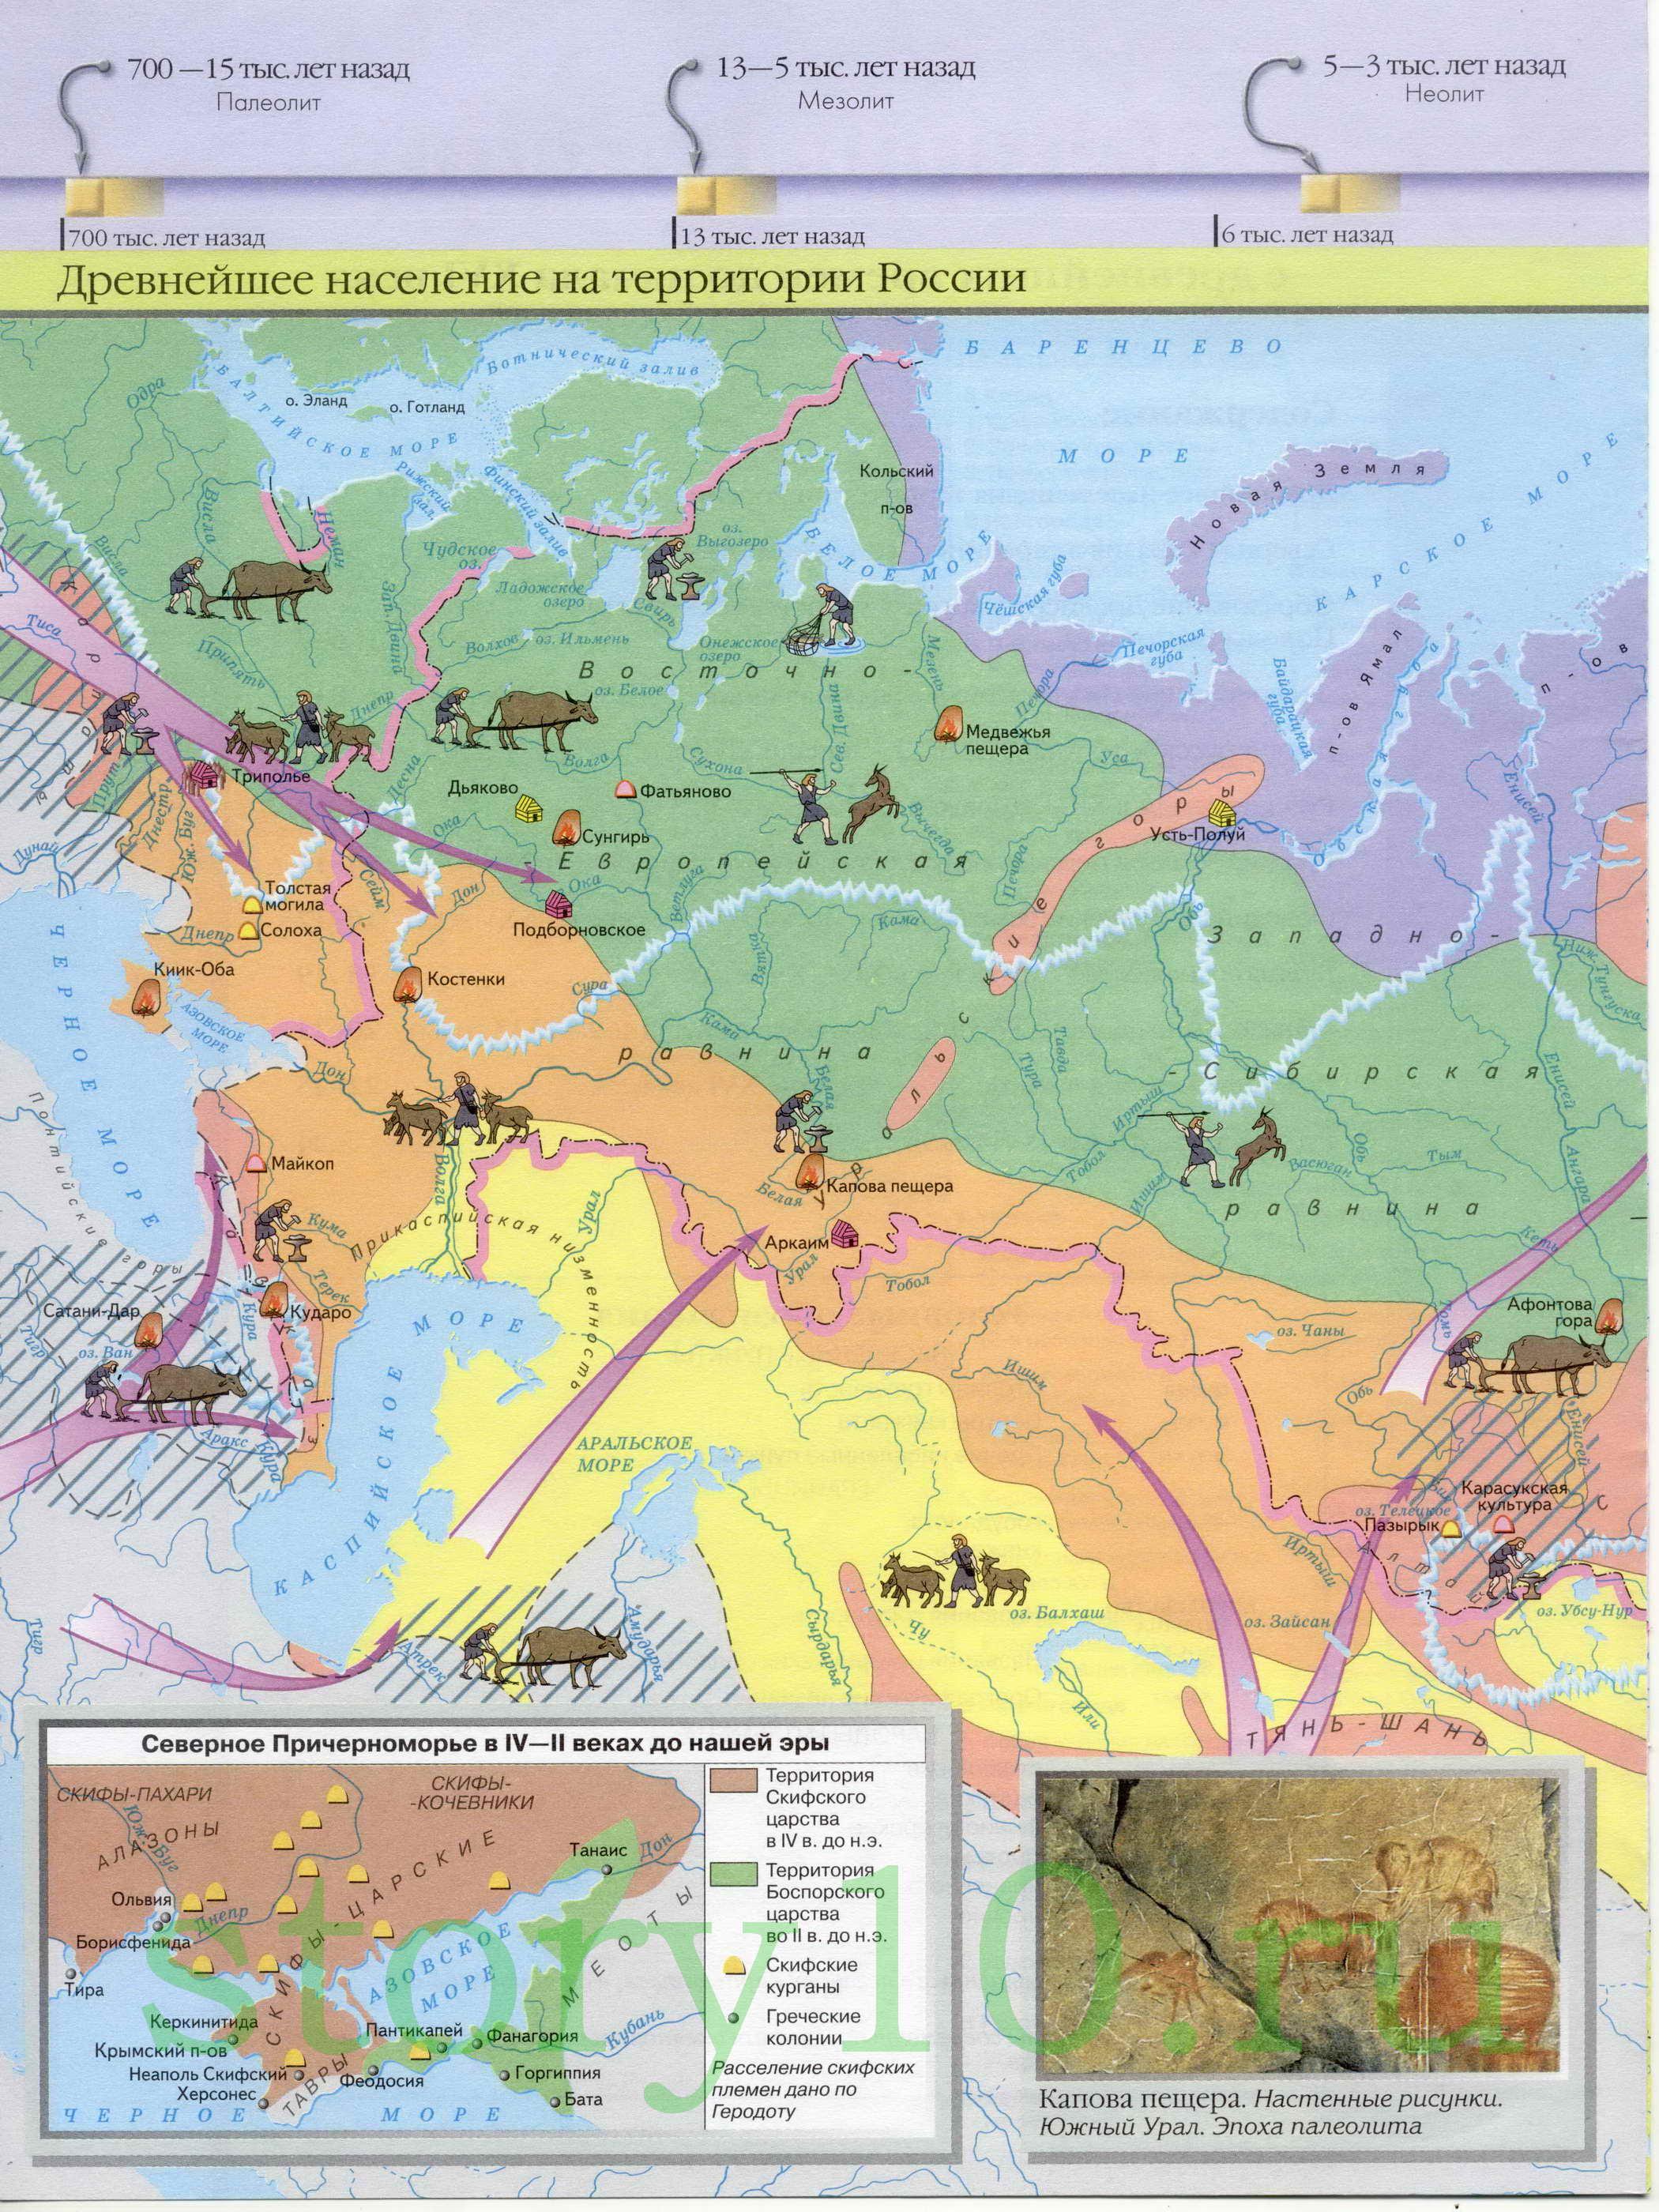 транспорта Авто россия на картах древности чём причина таких